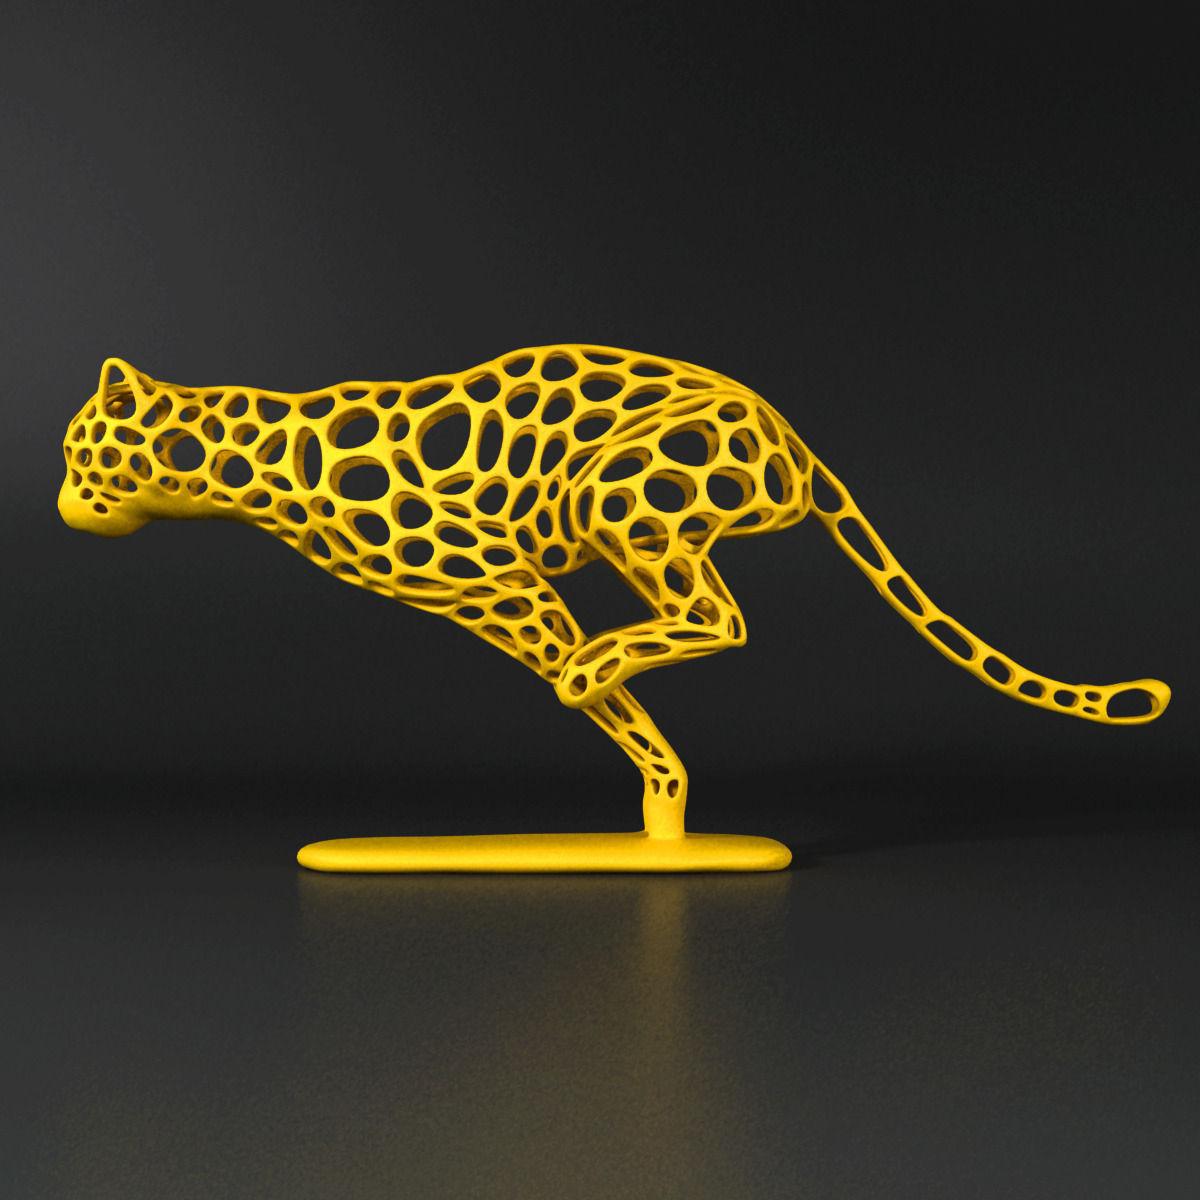 Cheetah Voronoi Wireframe